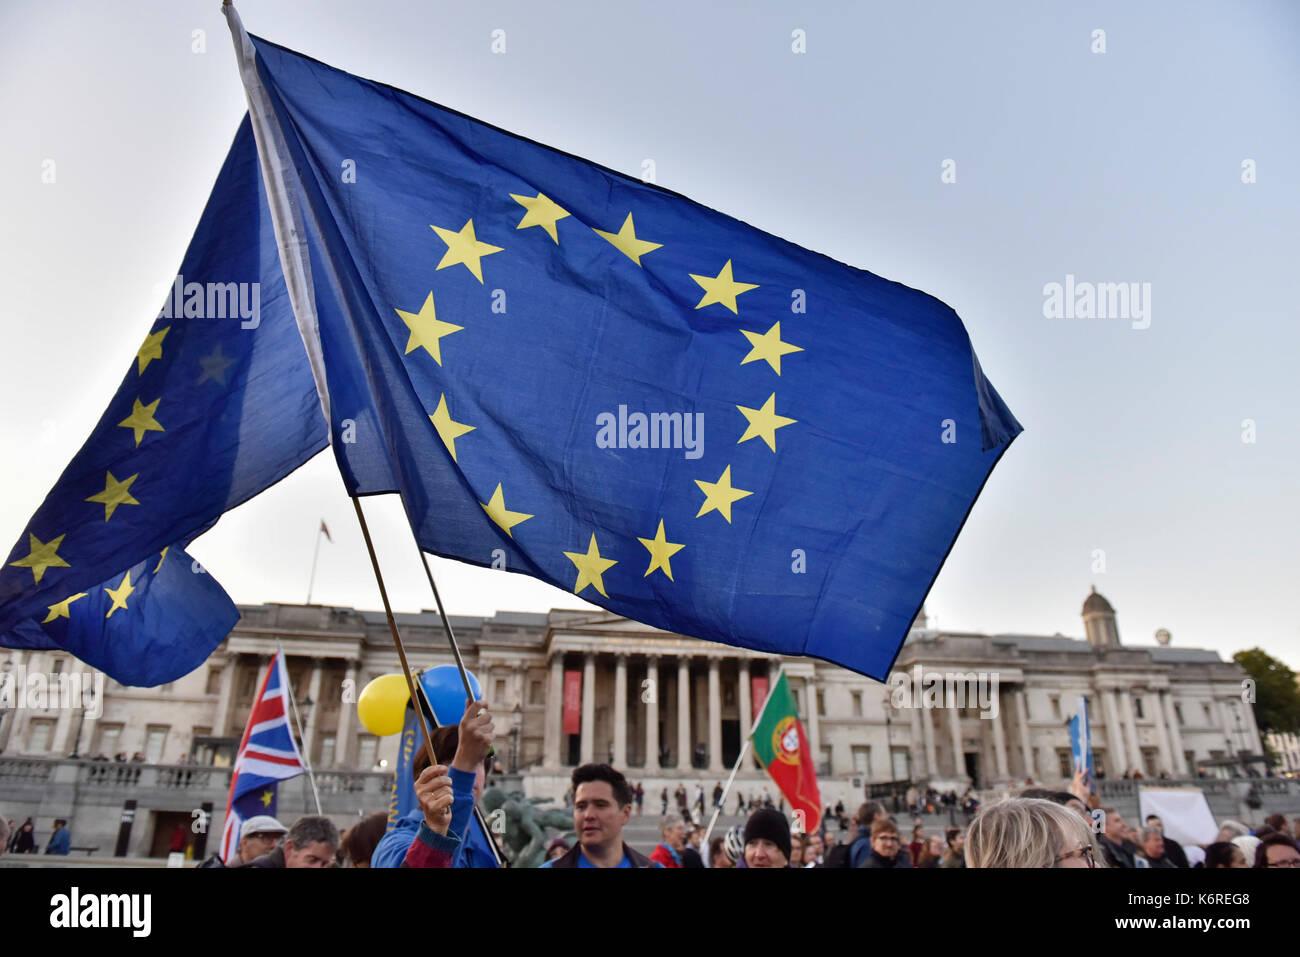 Londres, Royaume-Uni. 13 sep, 2017. Les gens se rassemblent pour assister à un rassemblement à Trafalgar Square à Londres, la Grande-Bretagne sur sept. 13, 2017. d'un rassemblement a eu lieu ici le mercredi appelant à maintenir les droits des citoyens de l'UE en Grande-Bretagne et les citoyens britanniques dans l'Union européenne après brexit. crédit: Stephen Chung/Xinhua/Alamy live news Banque D'Images